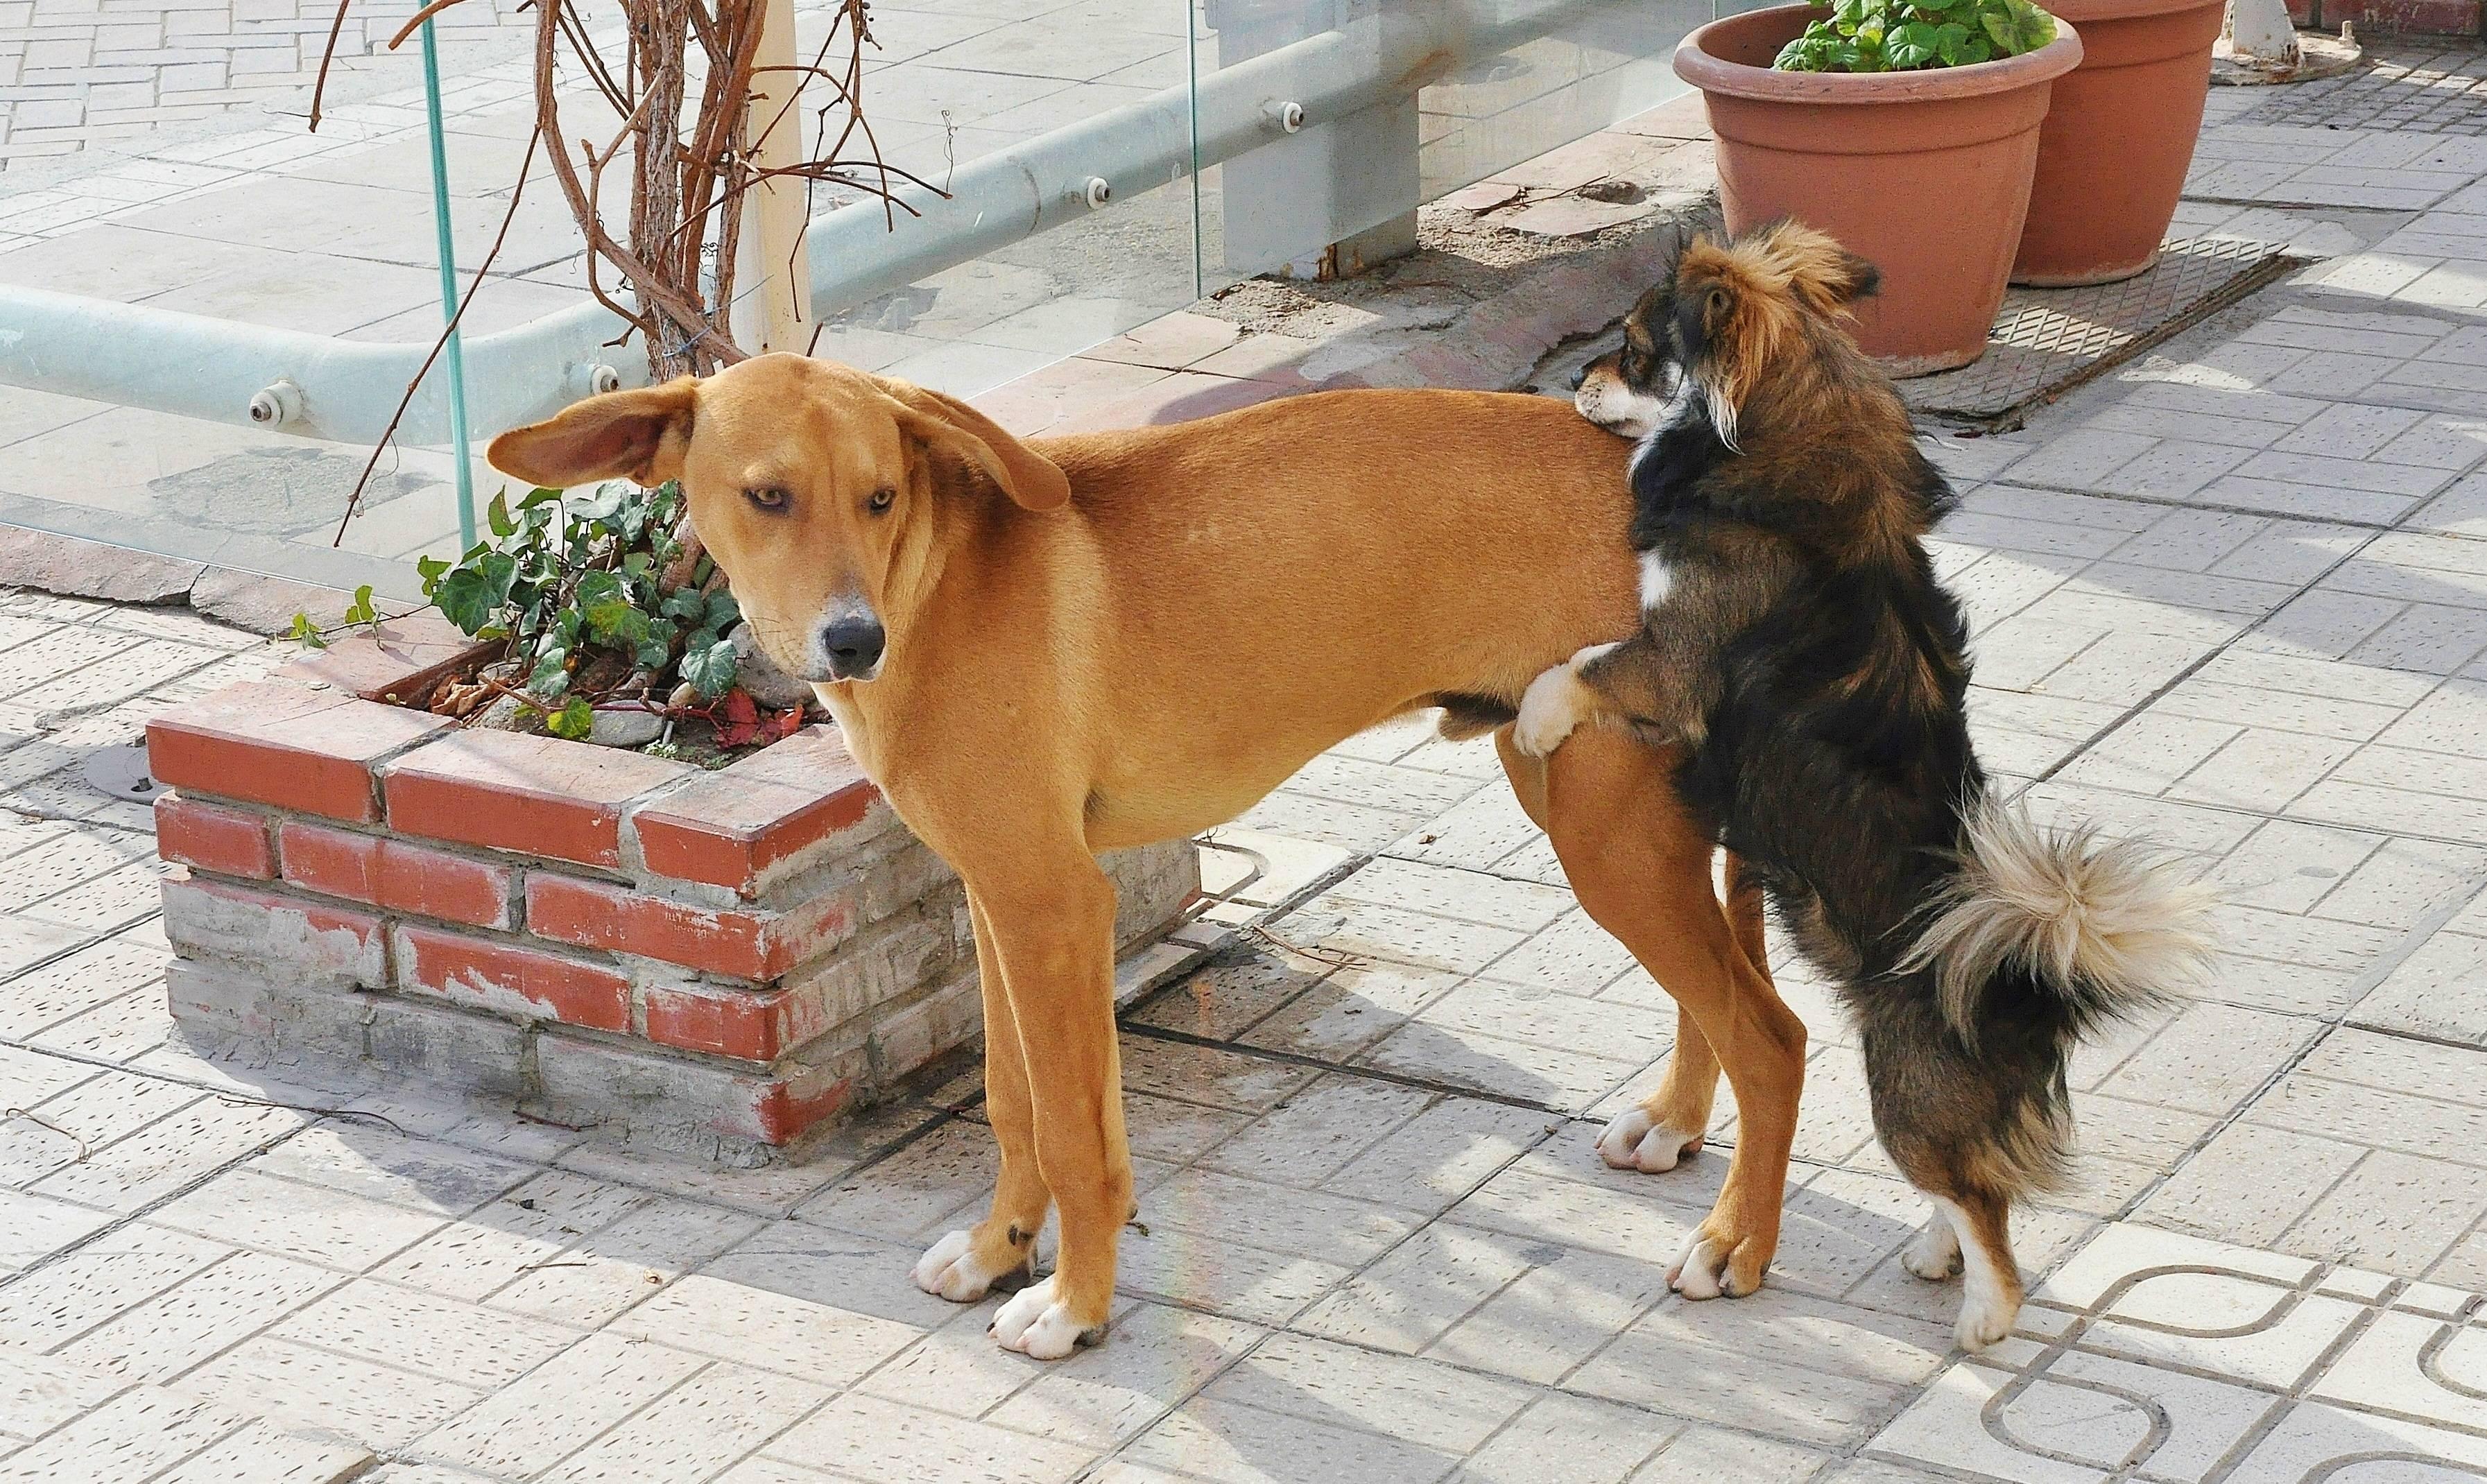 Почему собака с женщиной не скрещиваются. почему при спаривании слипаются собаки